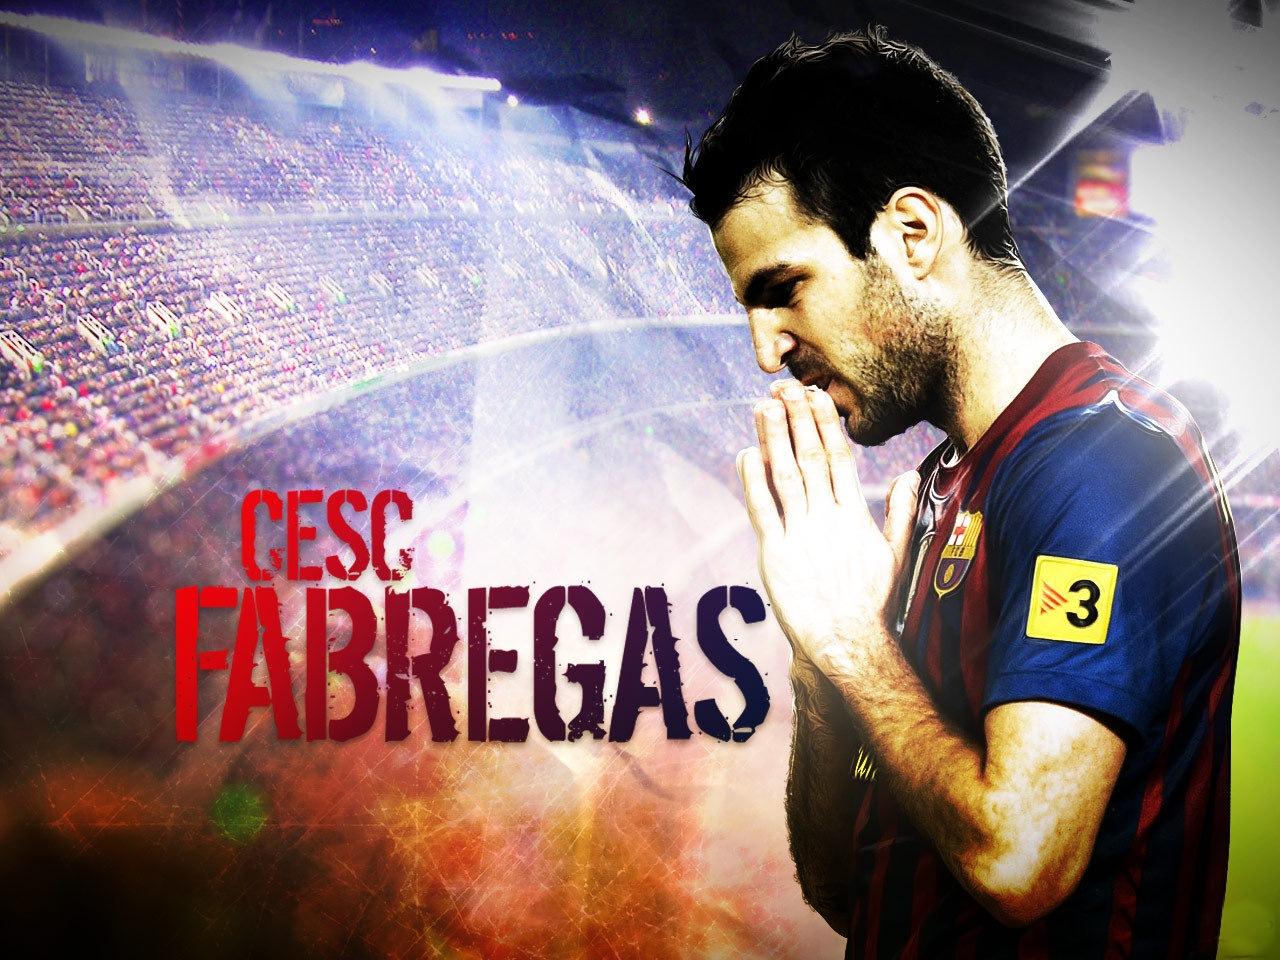 Cesc Fabregas Wallpaper Fc Barcelona Wallpaper Carik Wallpapers 1280x960